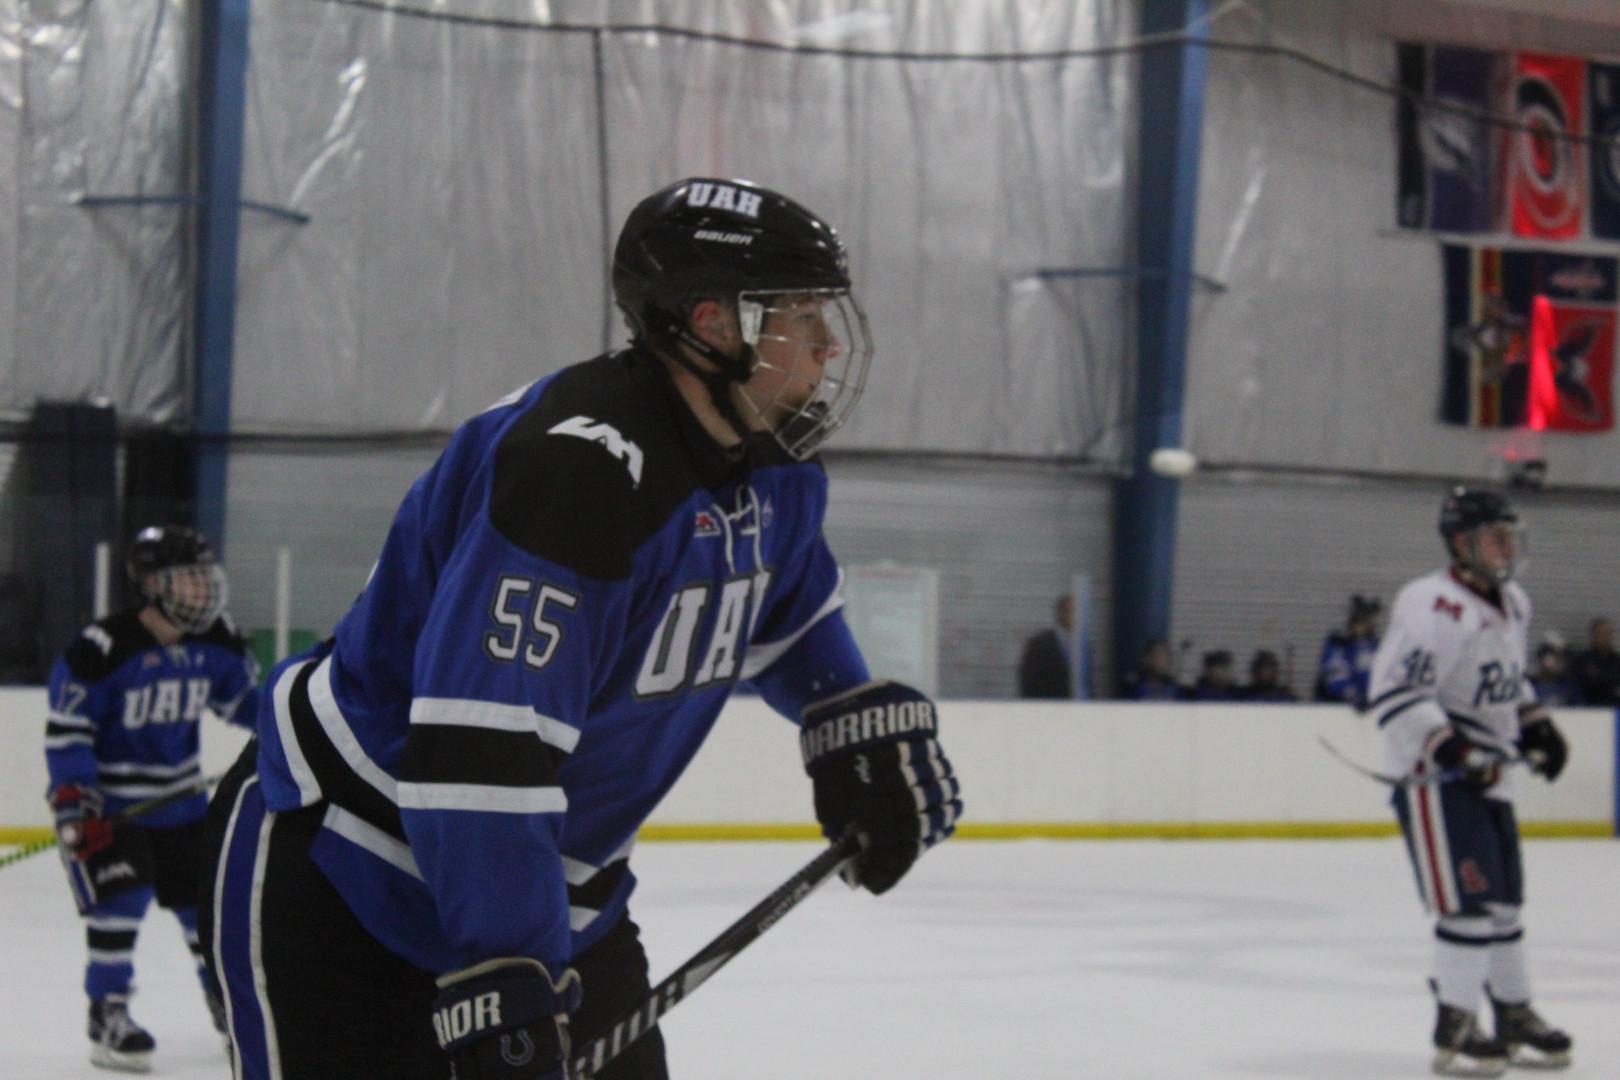 #55 Tyler Zwierzchowski